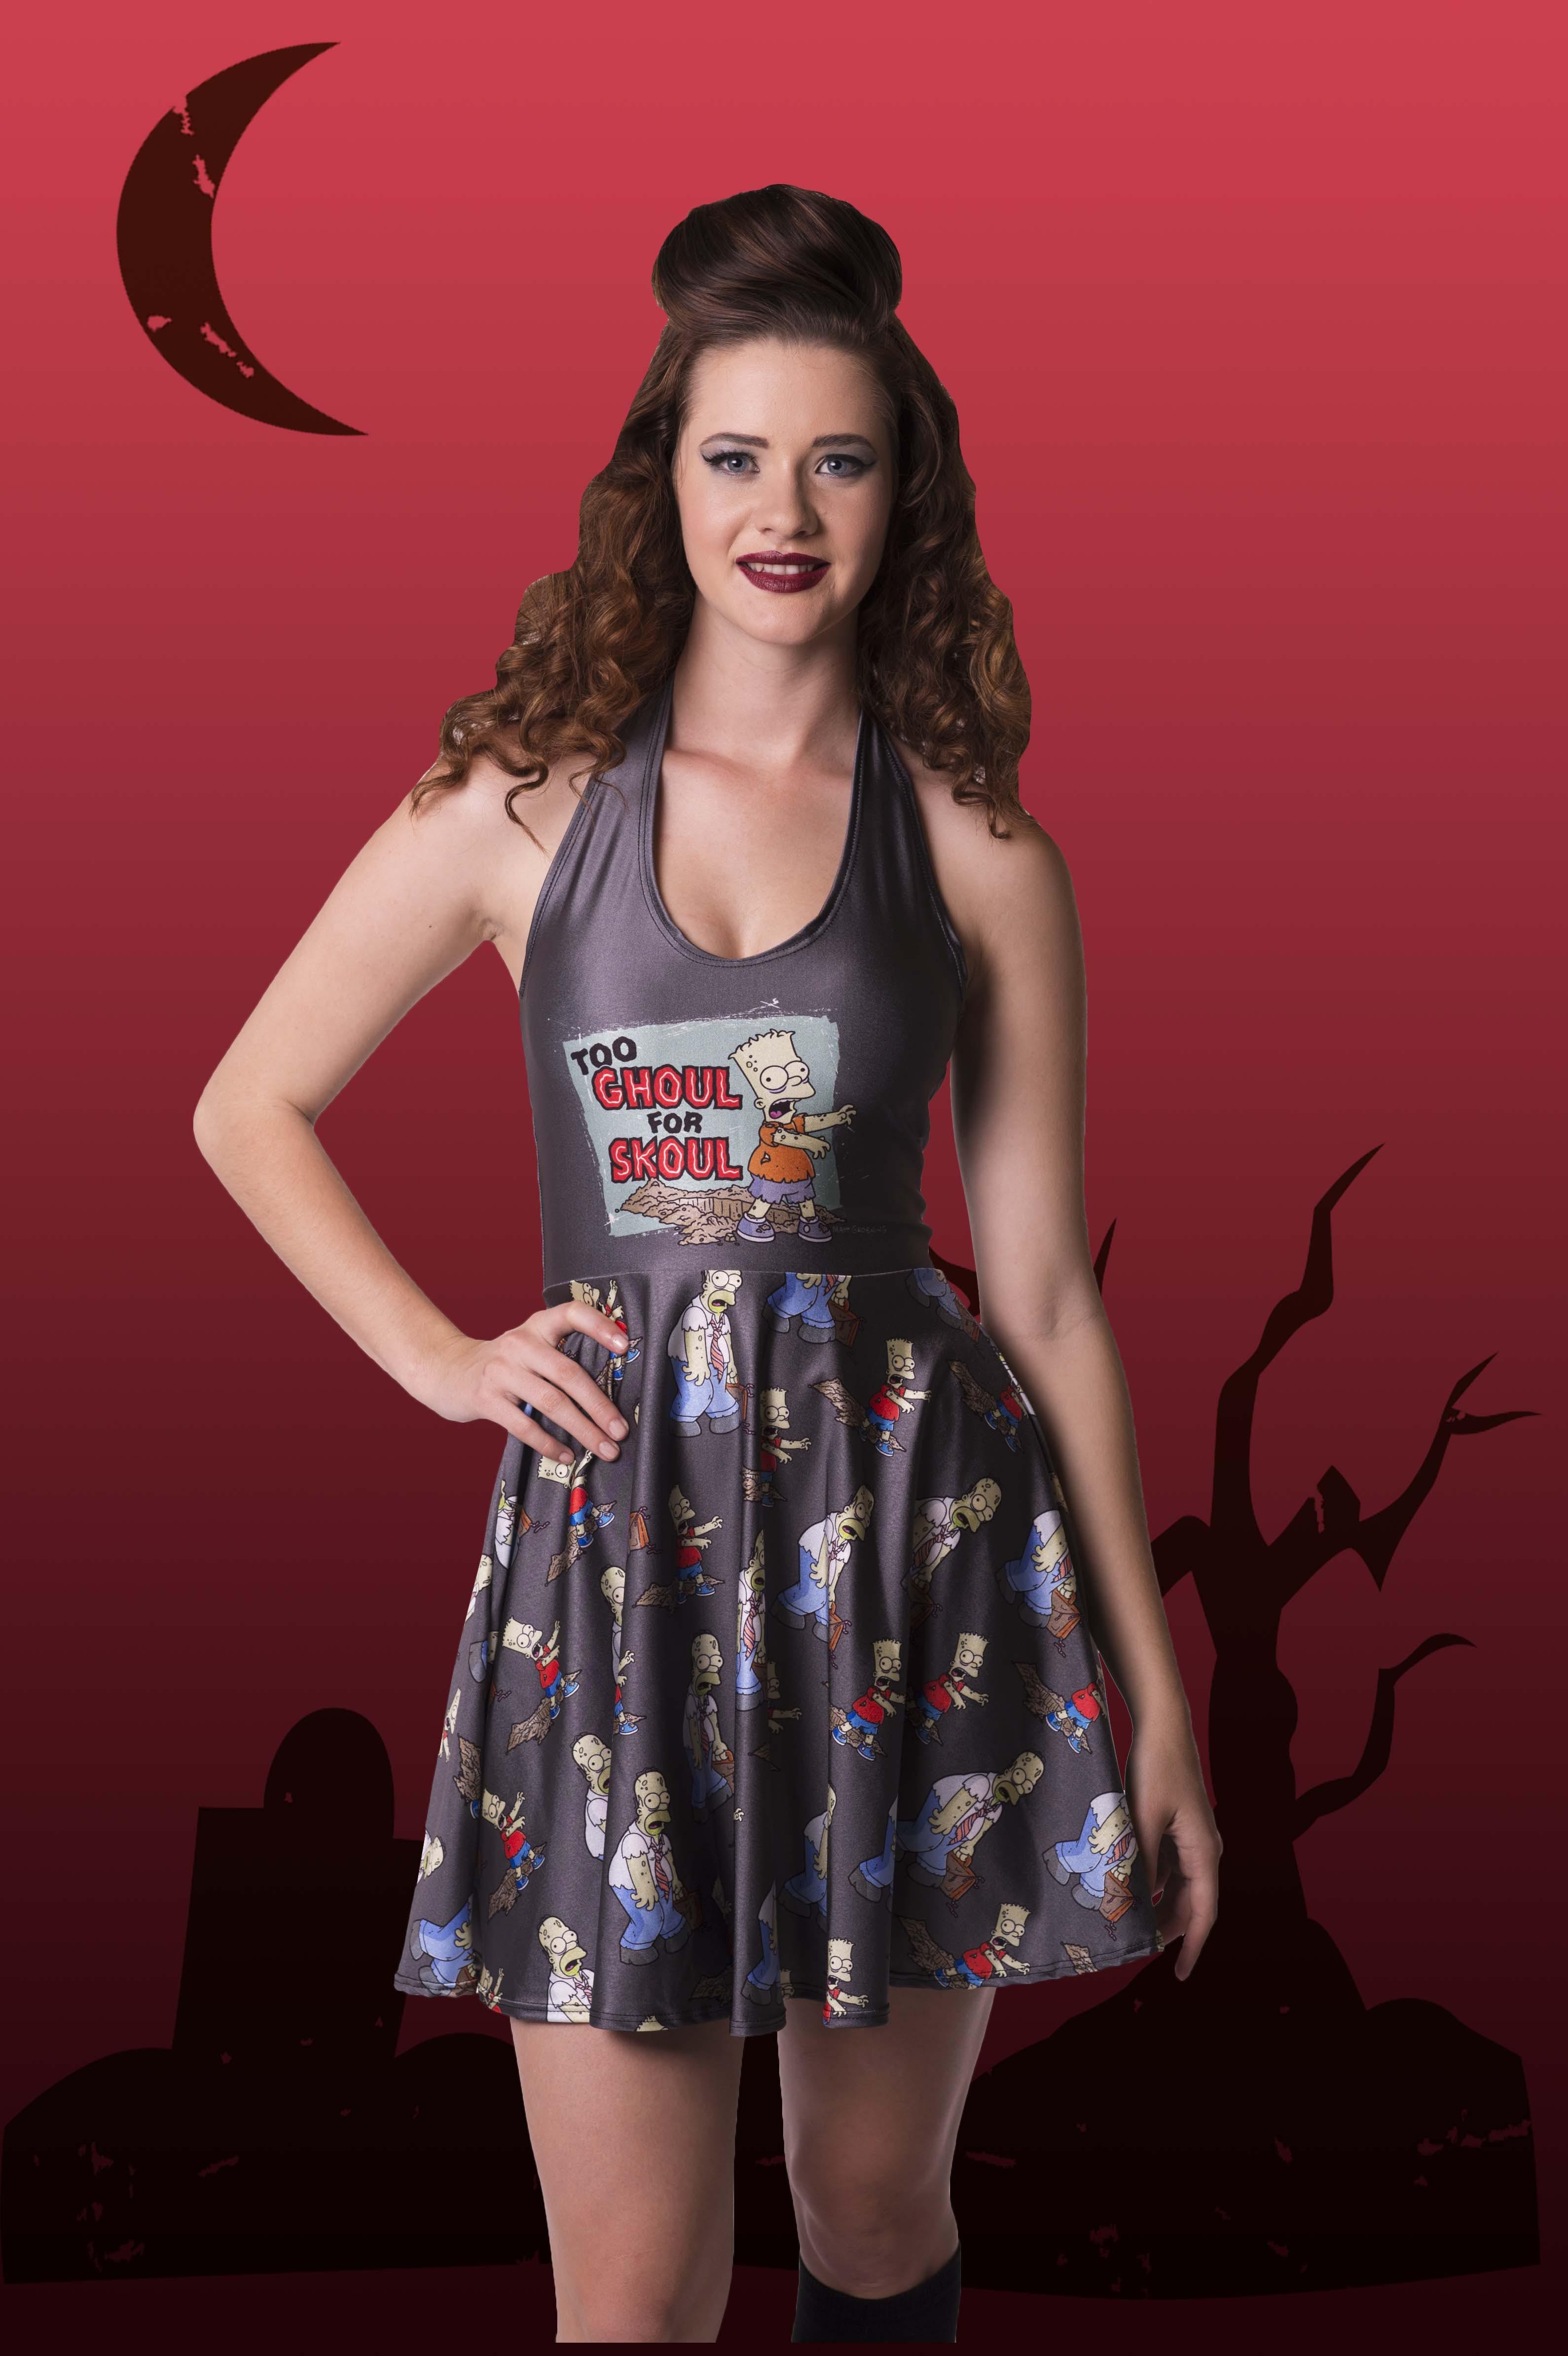 Too Ghoul For Skoul Halterneck Dress